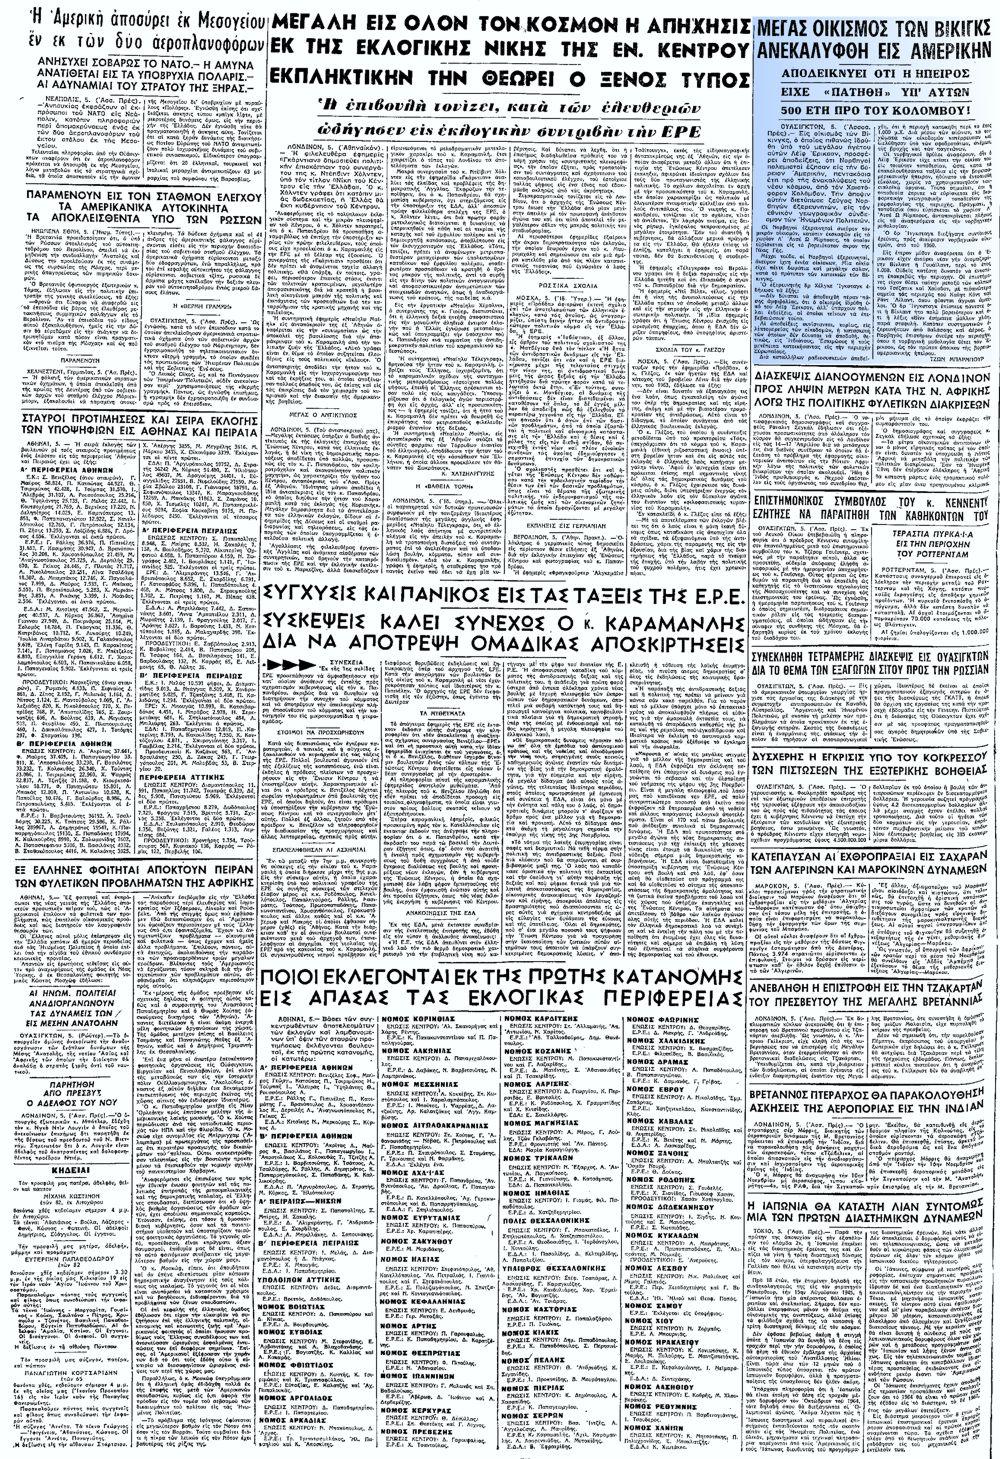 """Το άρθρο, όπως δημοσιεύθηκε στην εφημερίδα """"ΜΑΚΕΔΟΝΙΑ"""", στις 06/11/1963"""